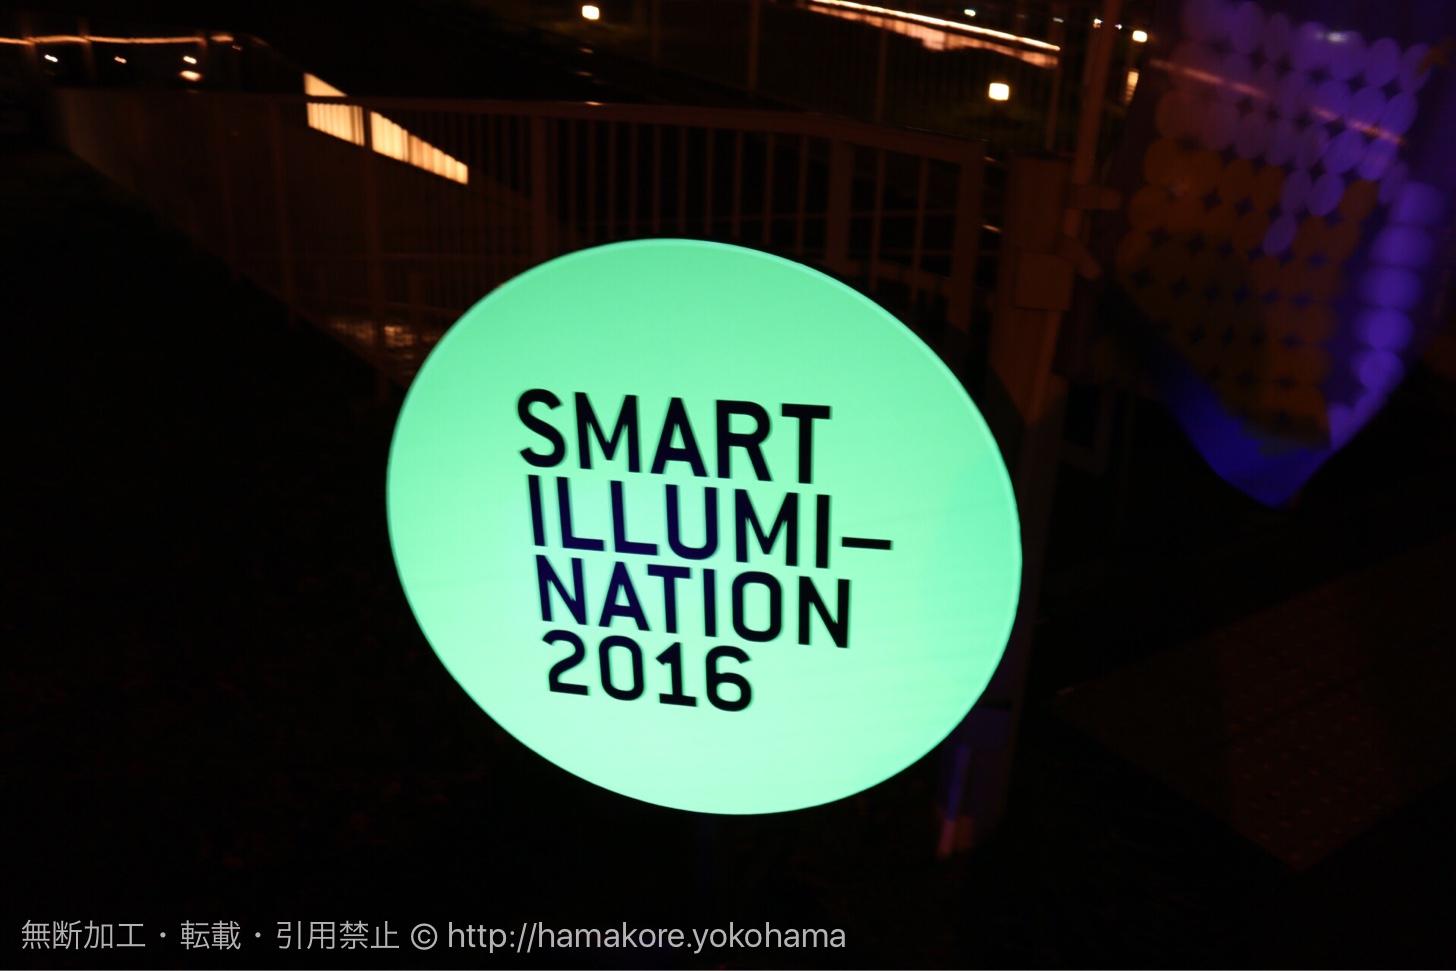 スマートイルミネーション 2016